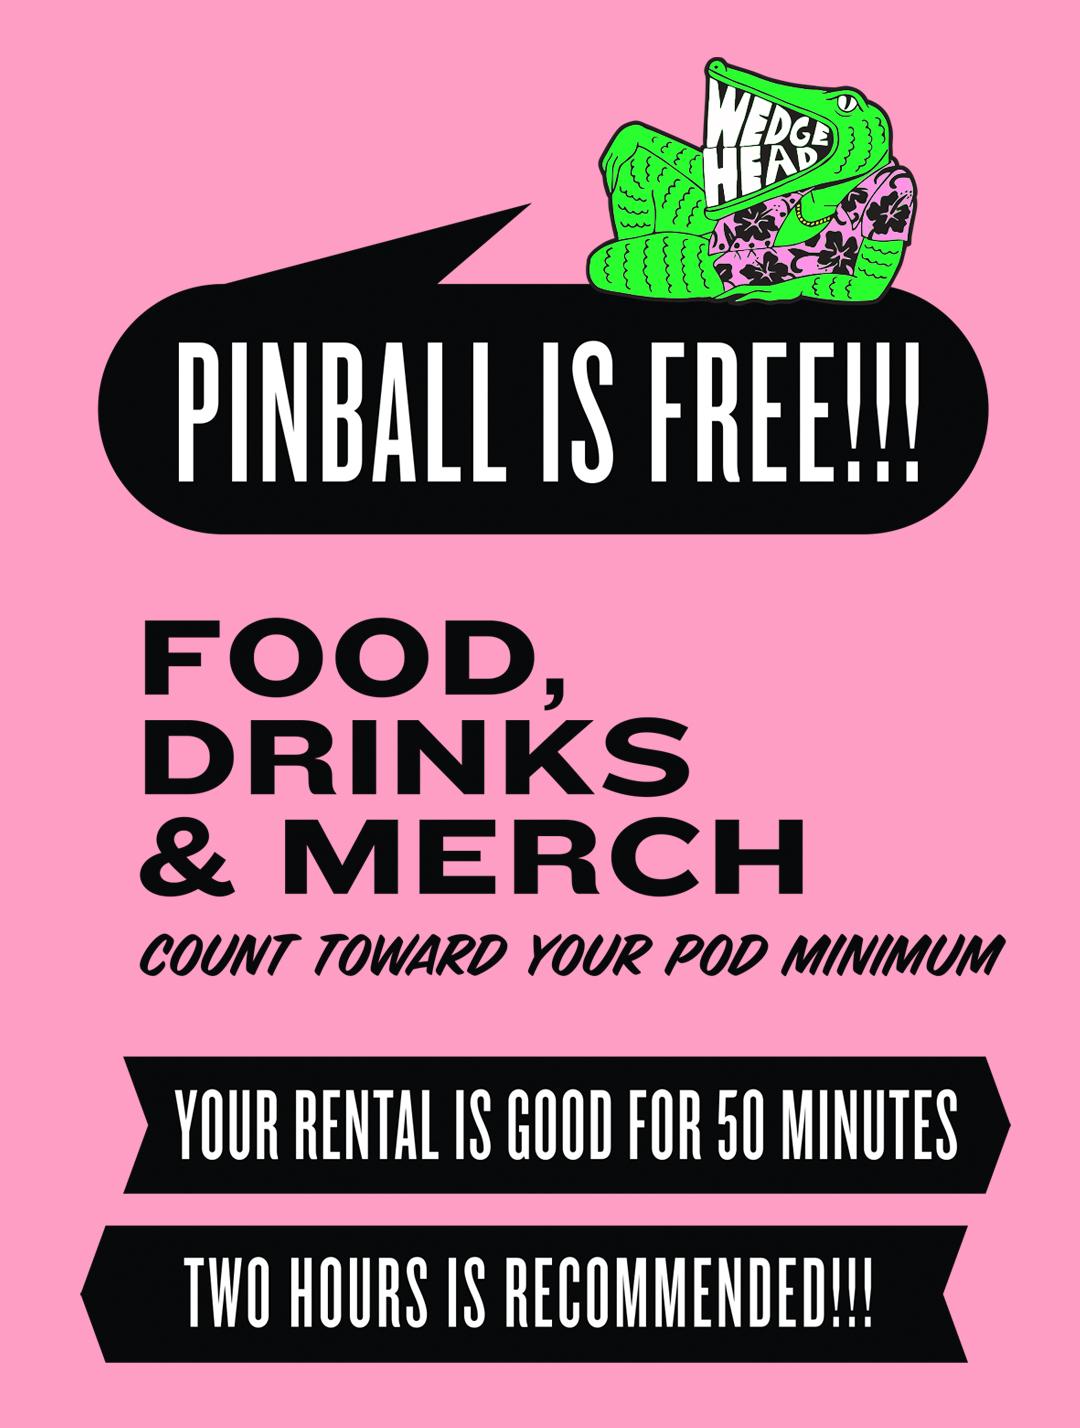 free pinball at Wedgehead